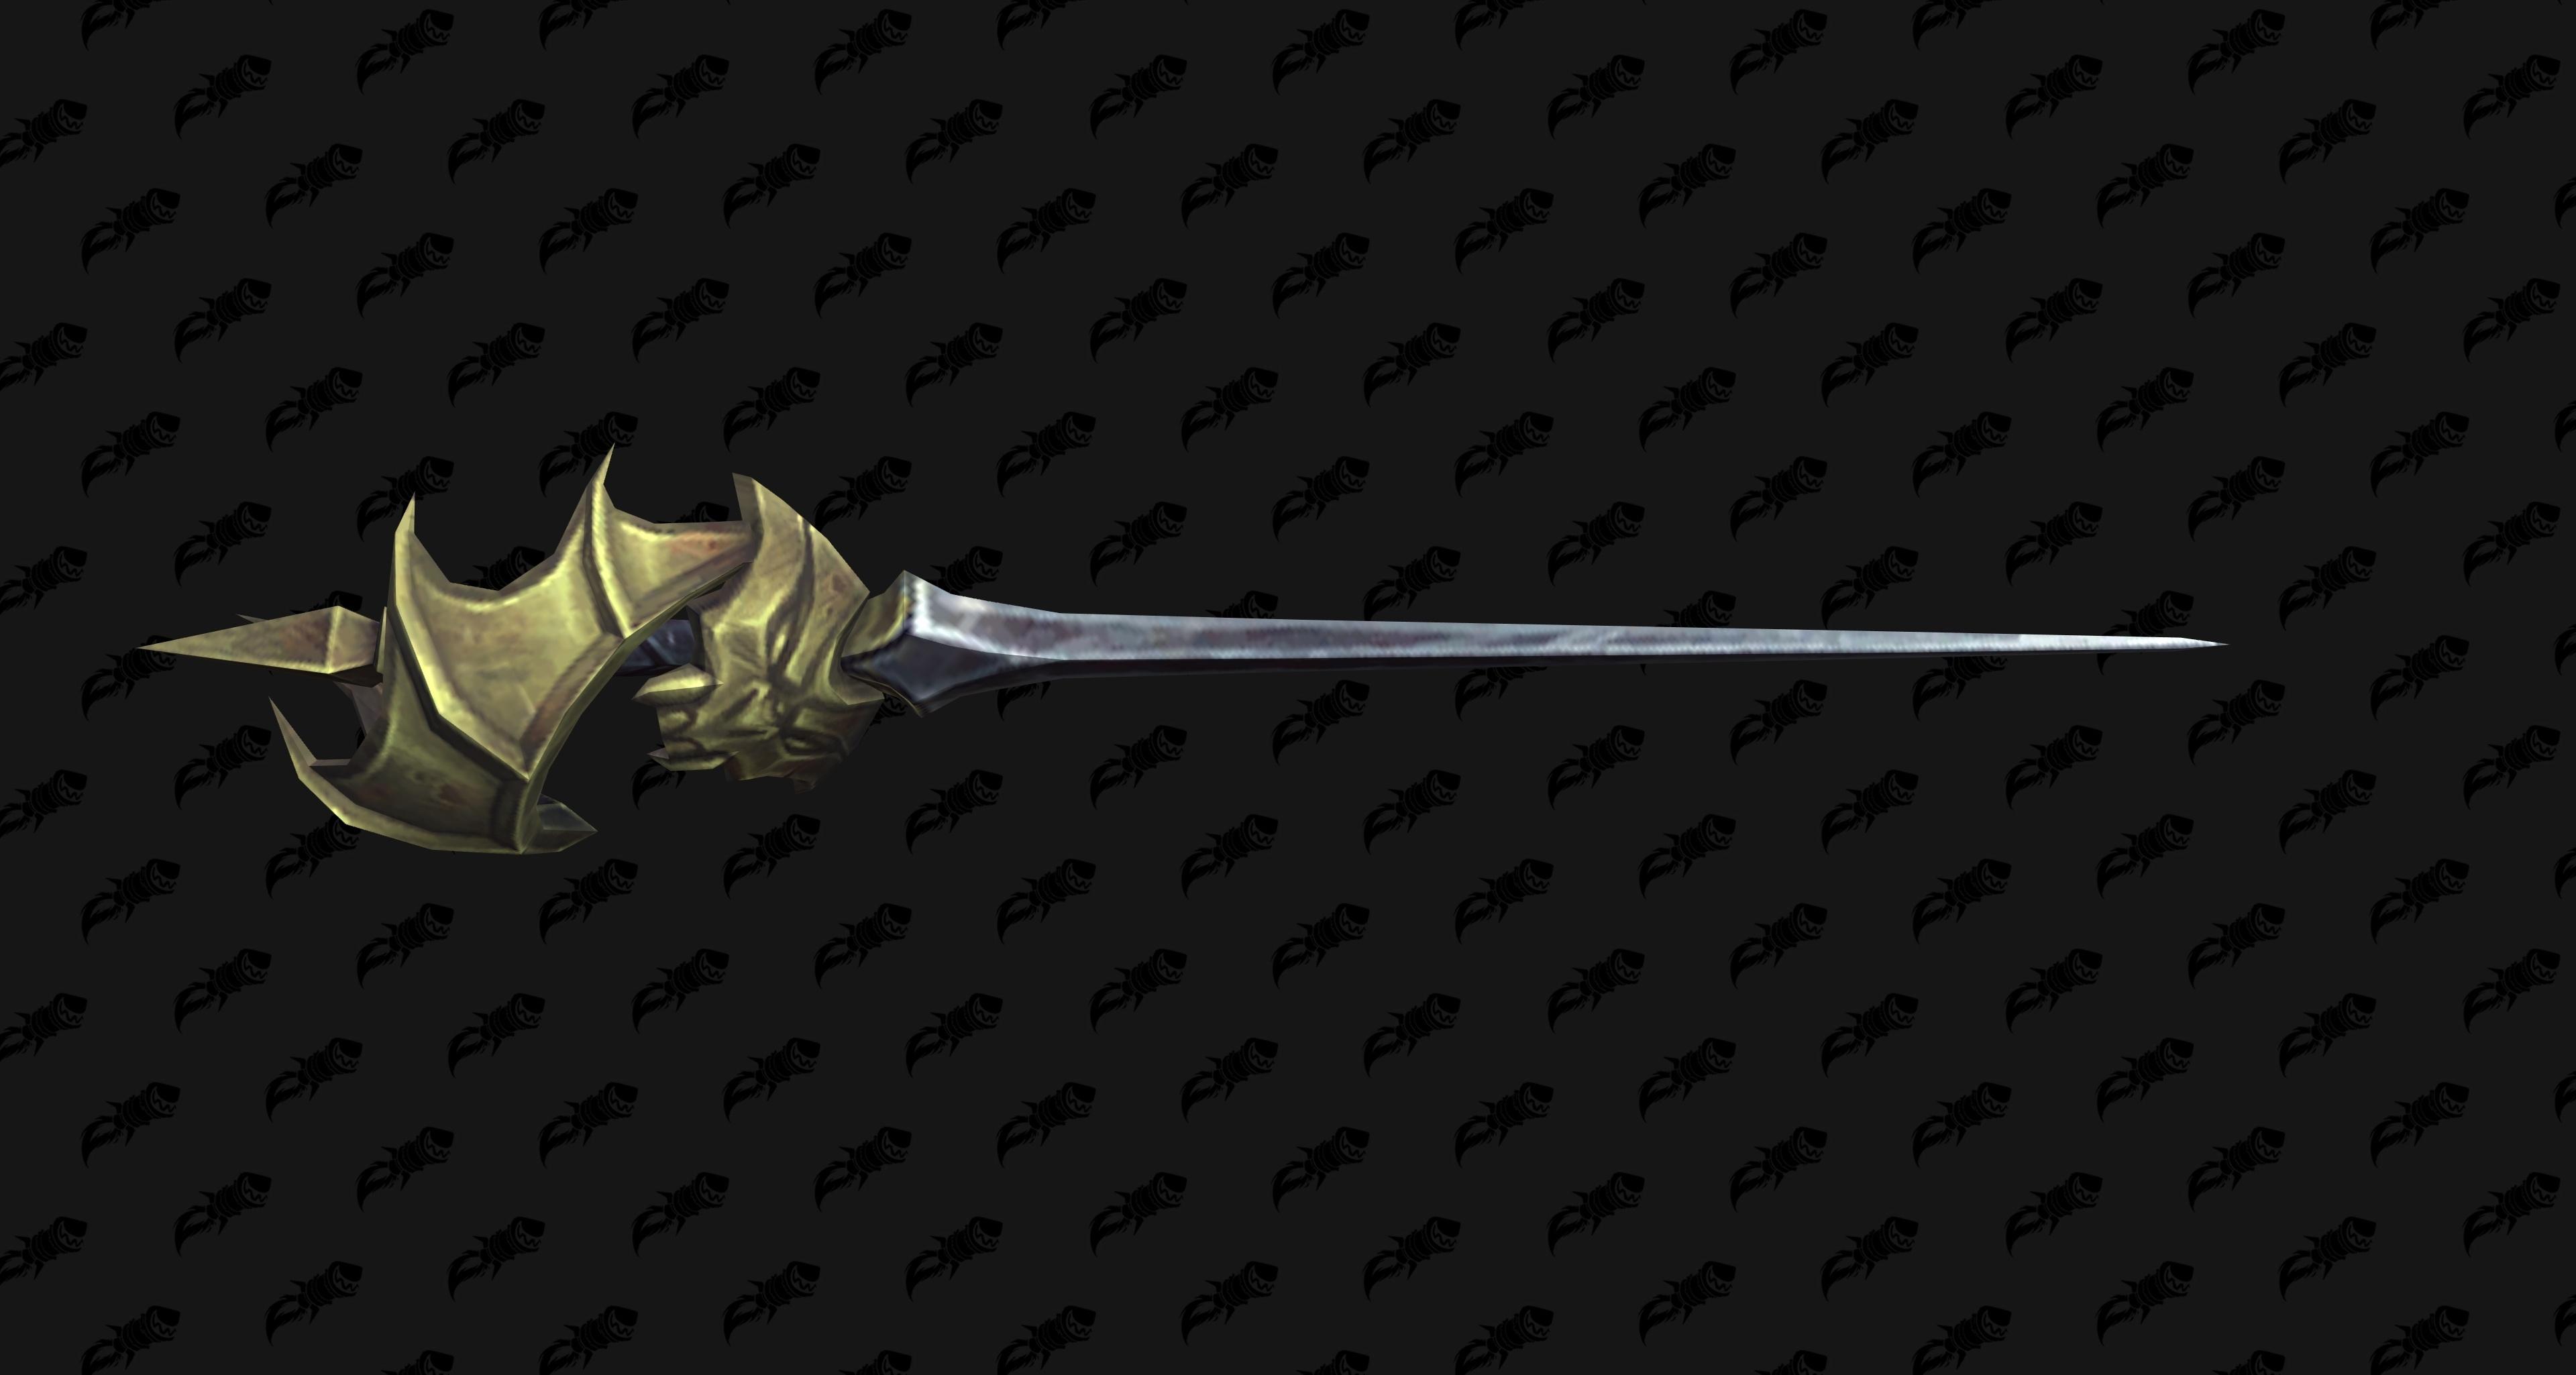 Альфа Shadowlands, сборка 33978: новые модели оружия